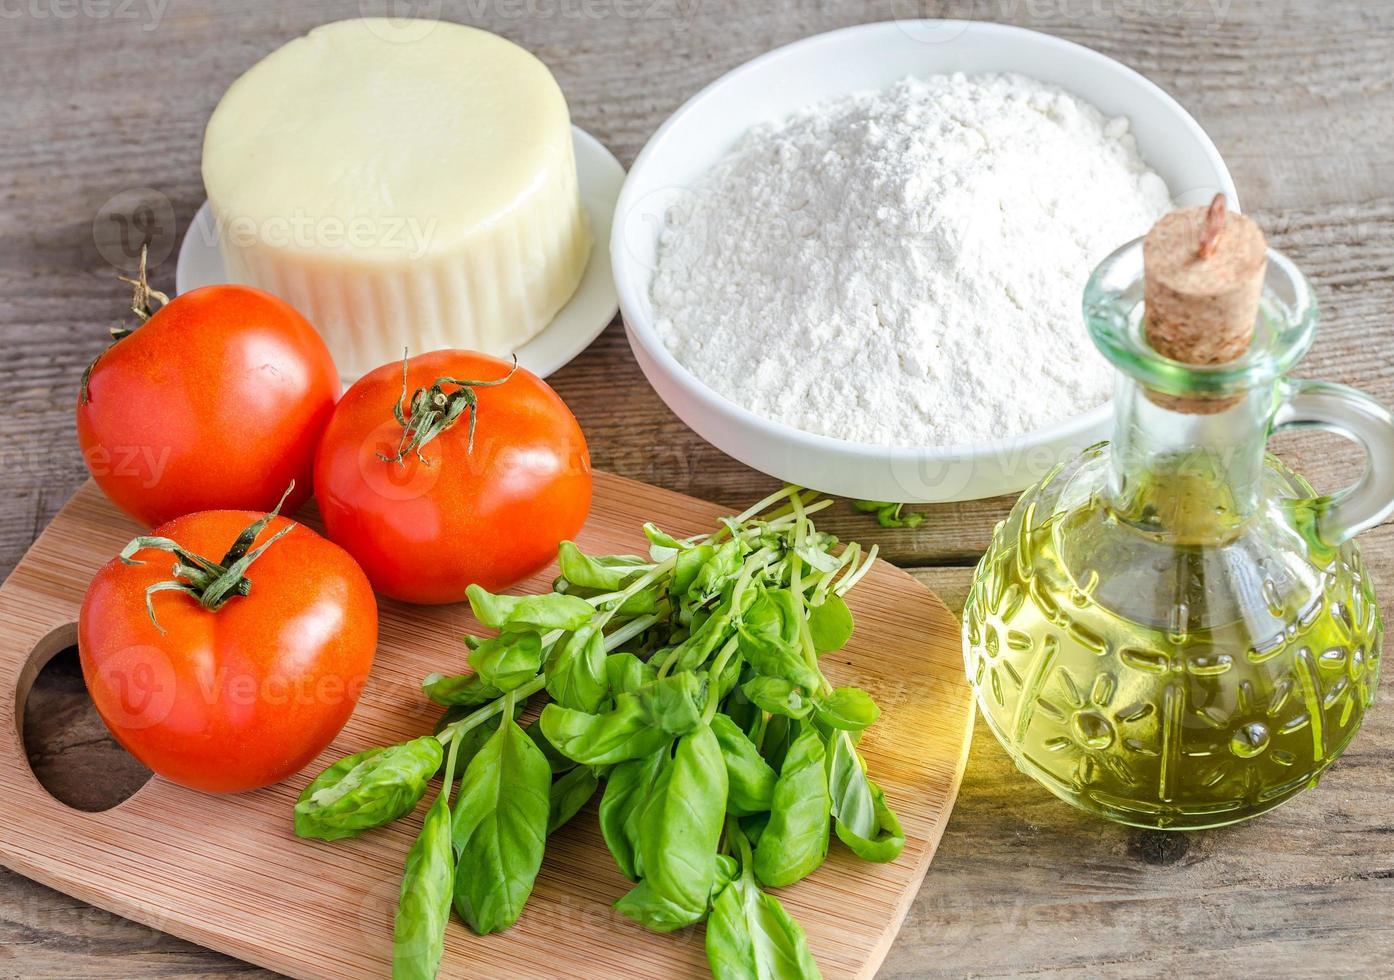 ingredientes para pizza en el fondo de madera foto